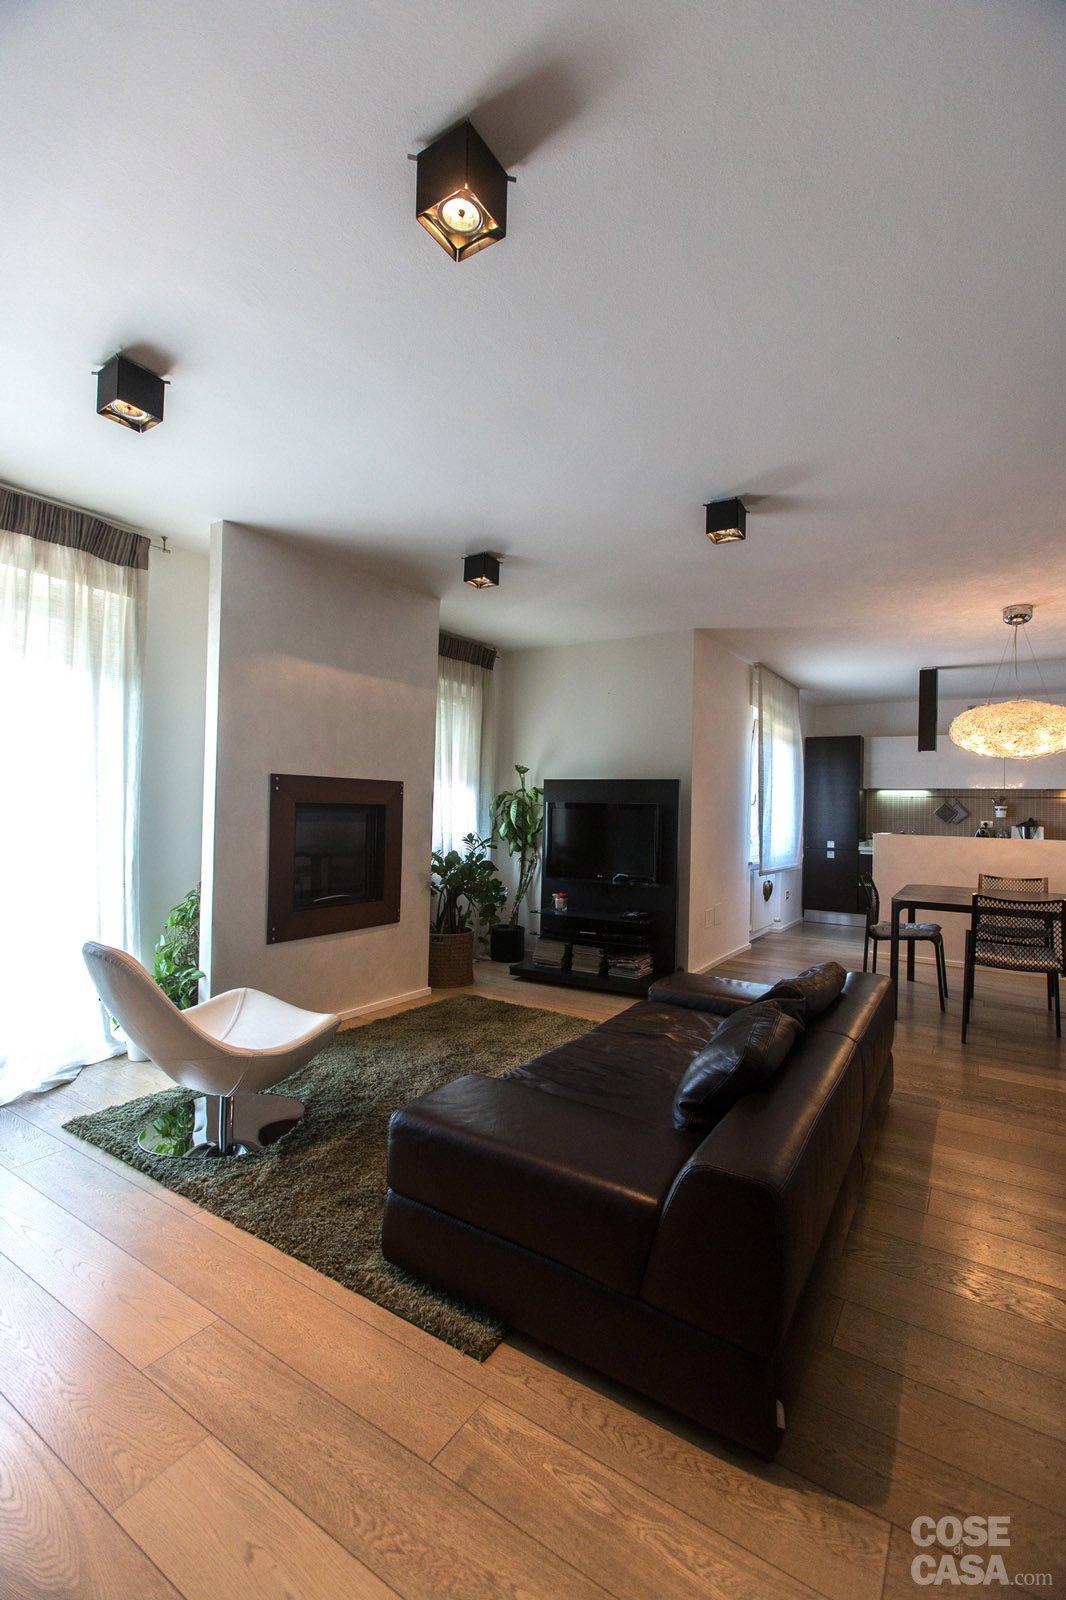 110 mq una casa con pareti d 39 effetto cose di casa - Divano in cucina ...